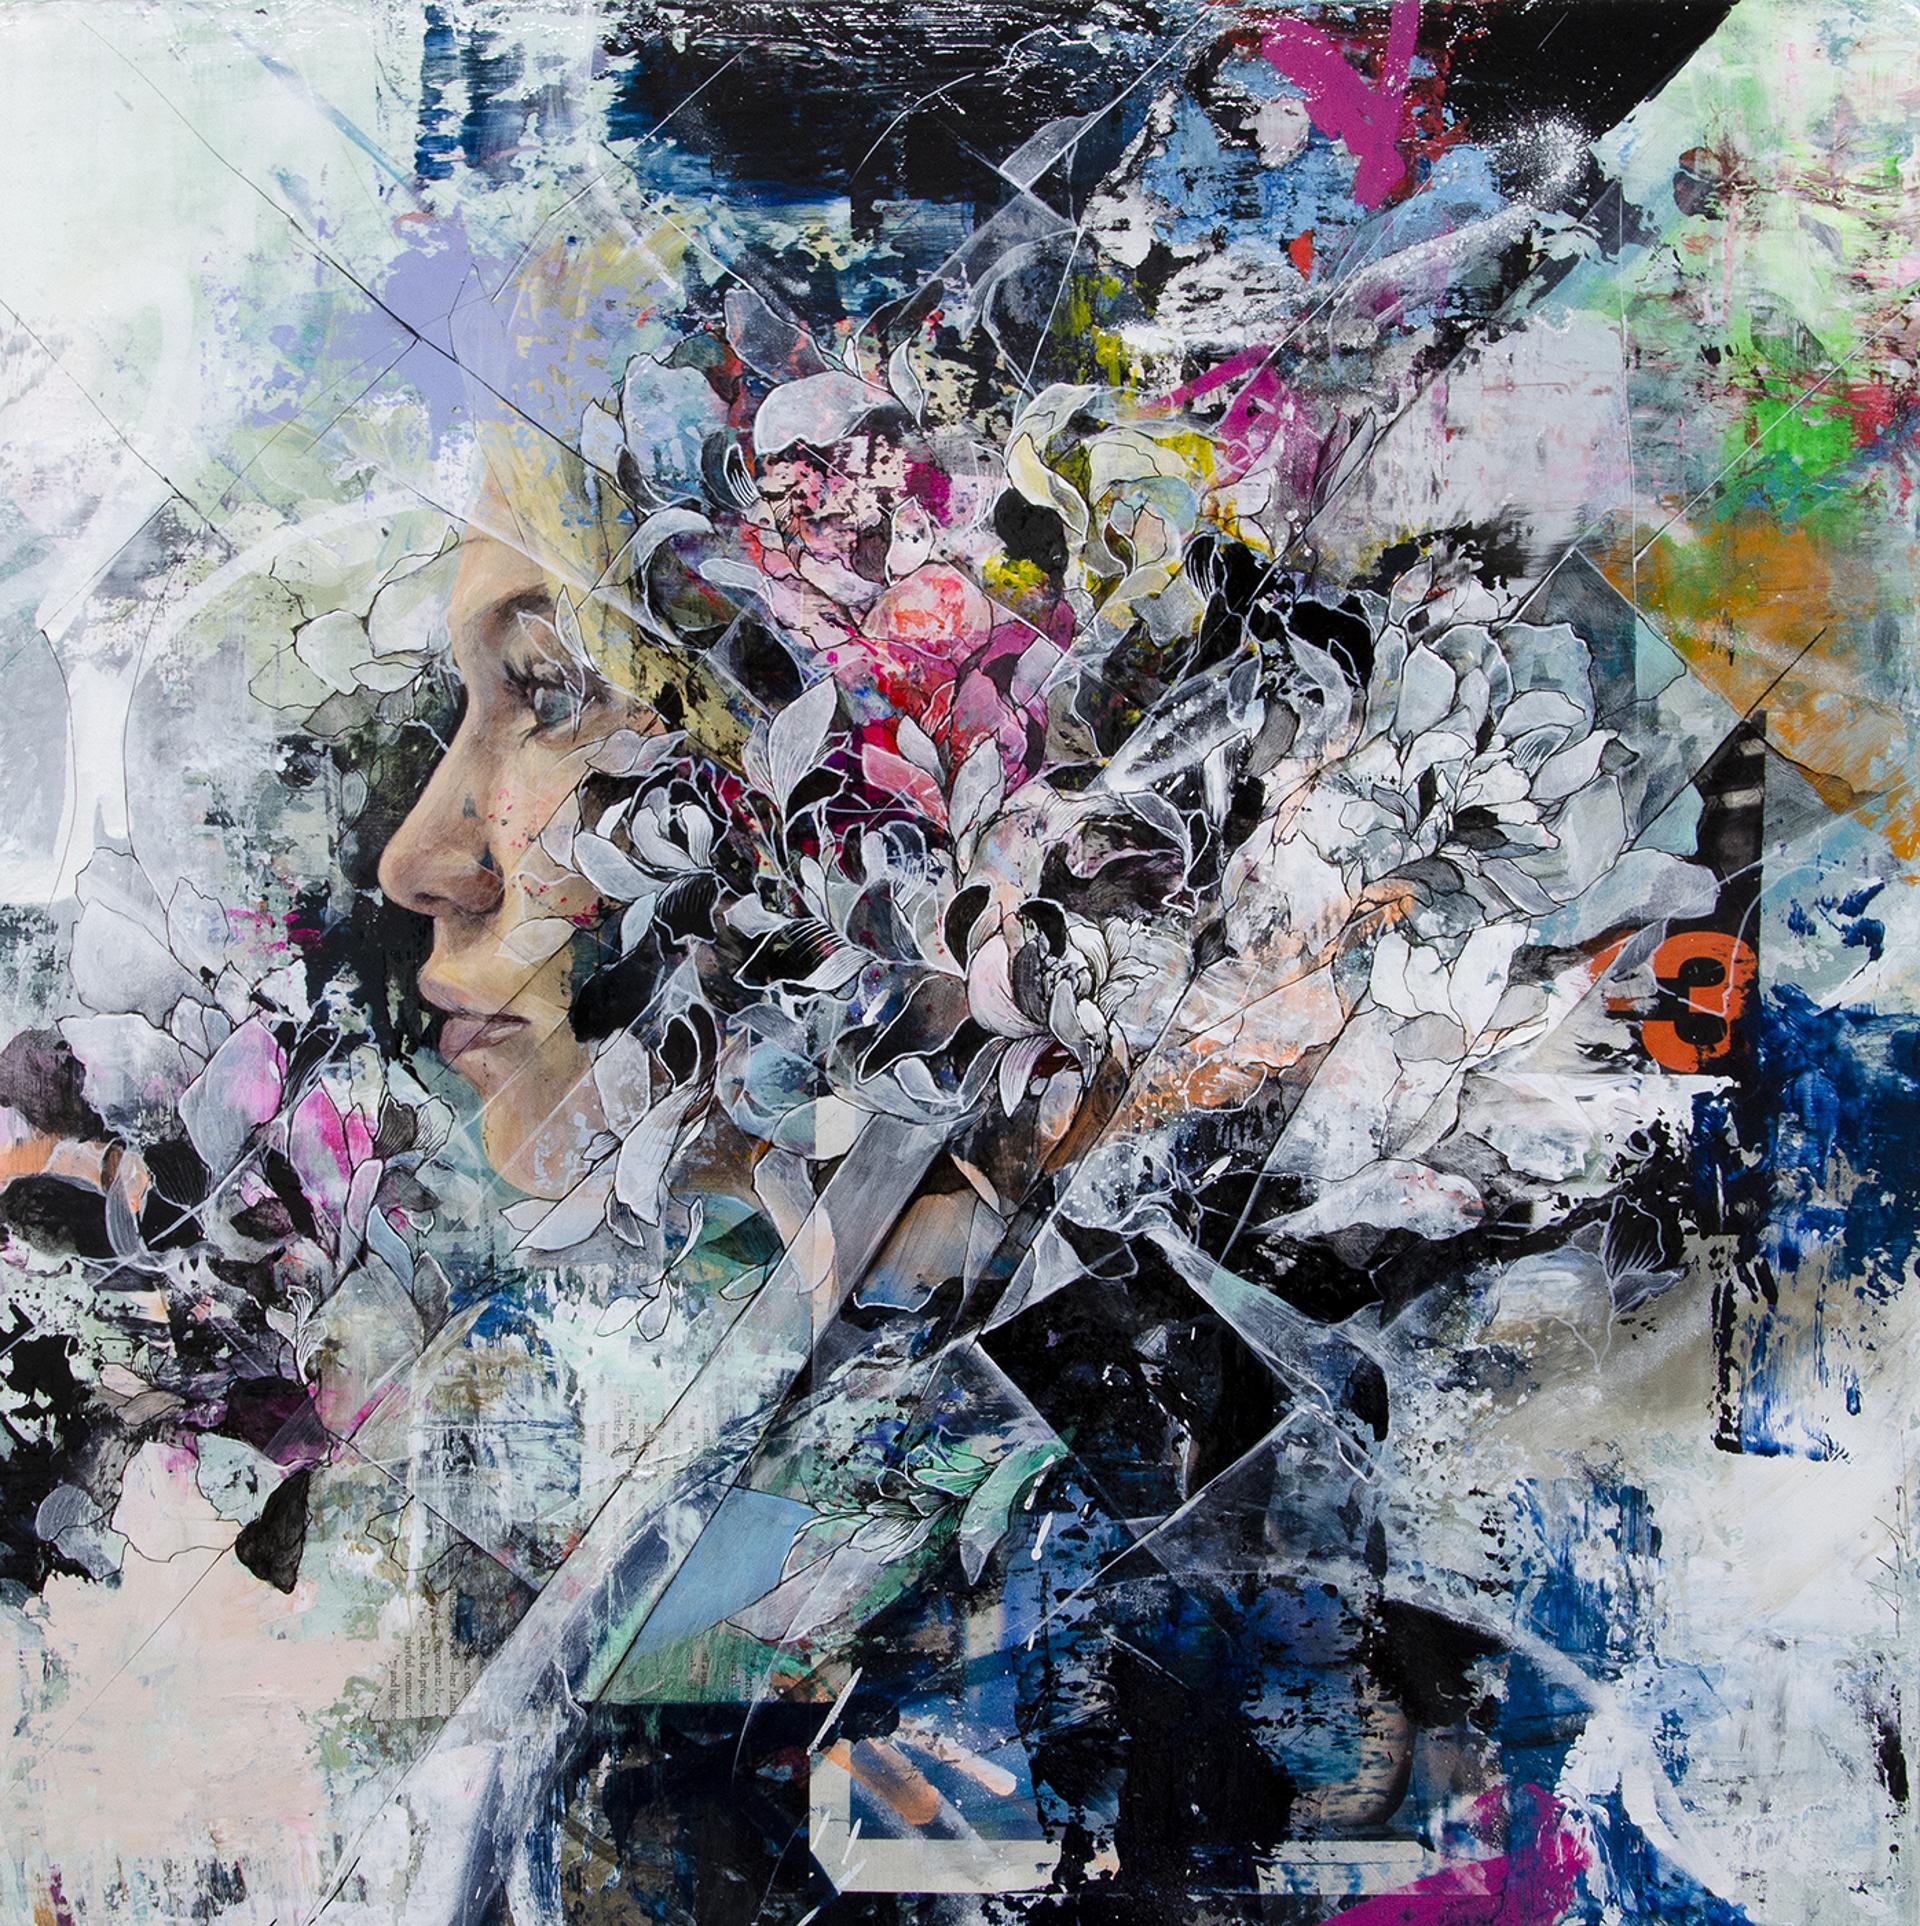 Bloom by Aiden Kringen